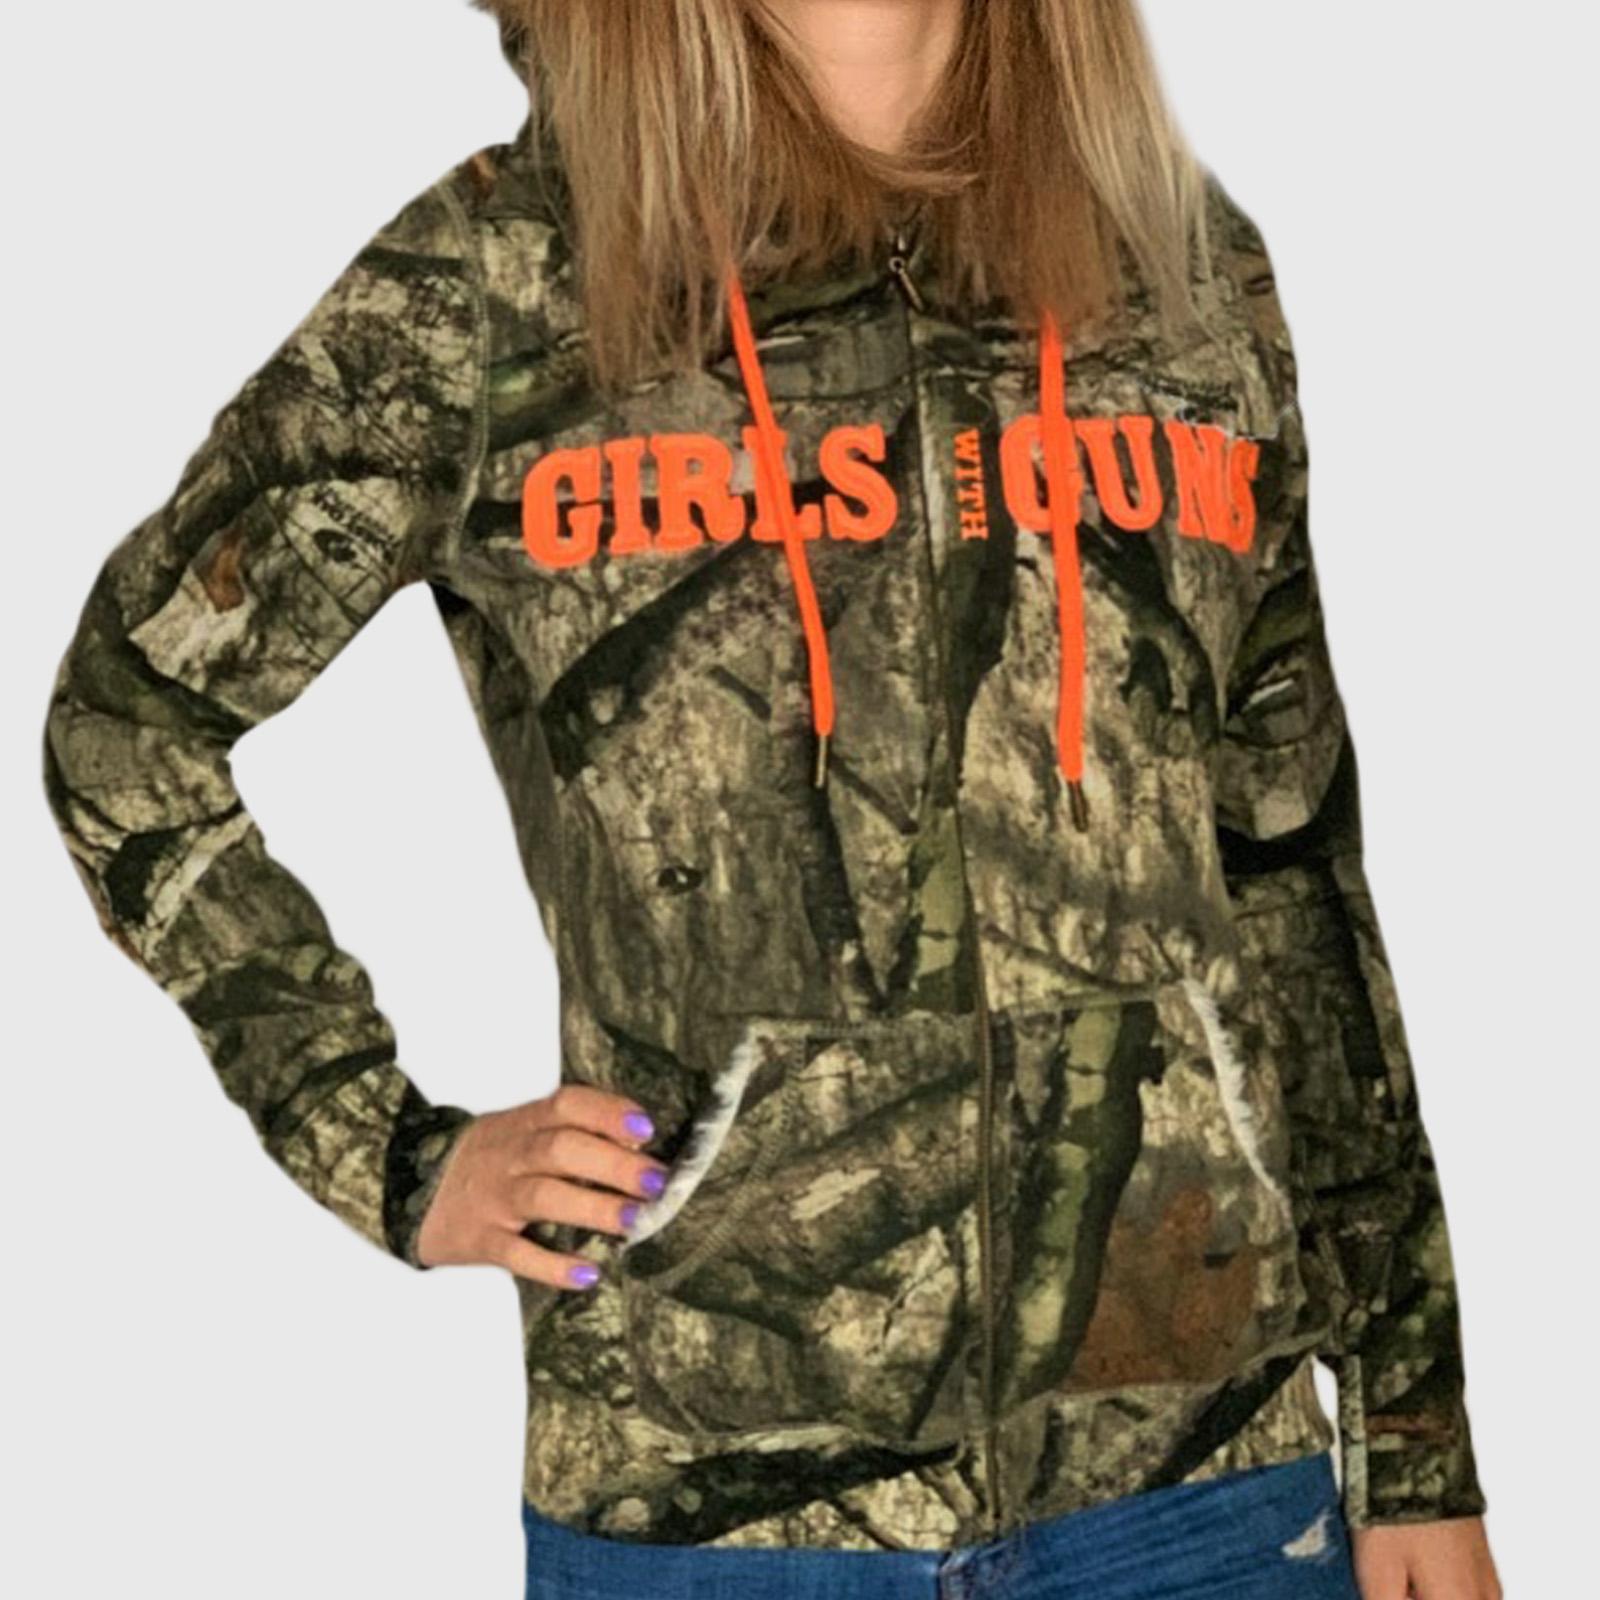 Женская камуфляжная куртка толстовка Girls white guns